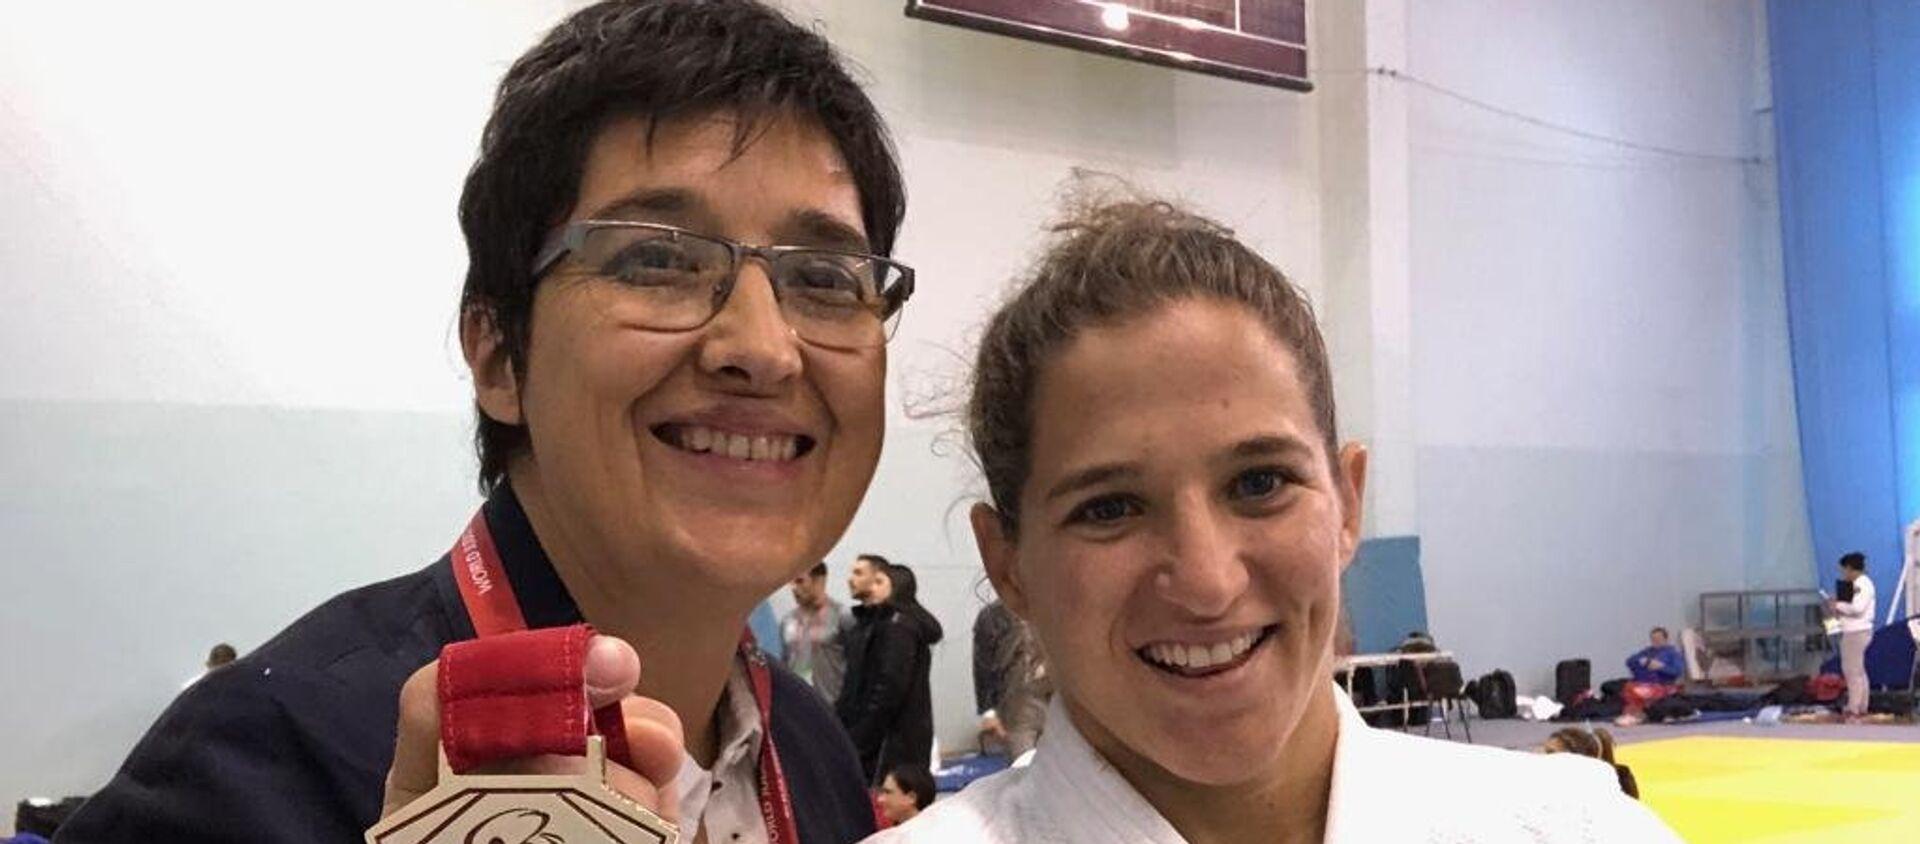 Laura Martinel y Paula Pareto tras obtener una medalla de oro en Rusia, en marzo de 2019 - Sputnik Mundo, 1920, 06.04.2019